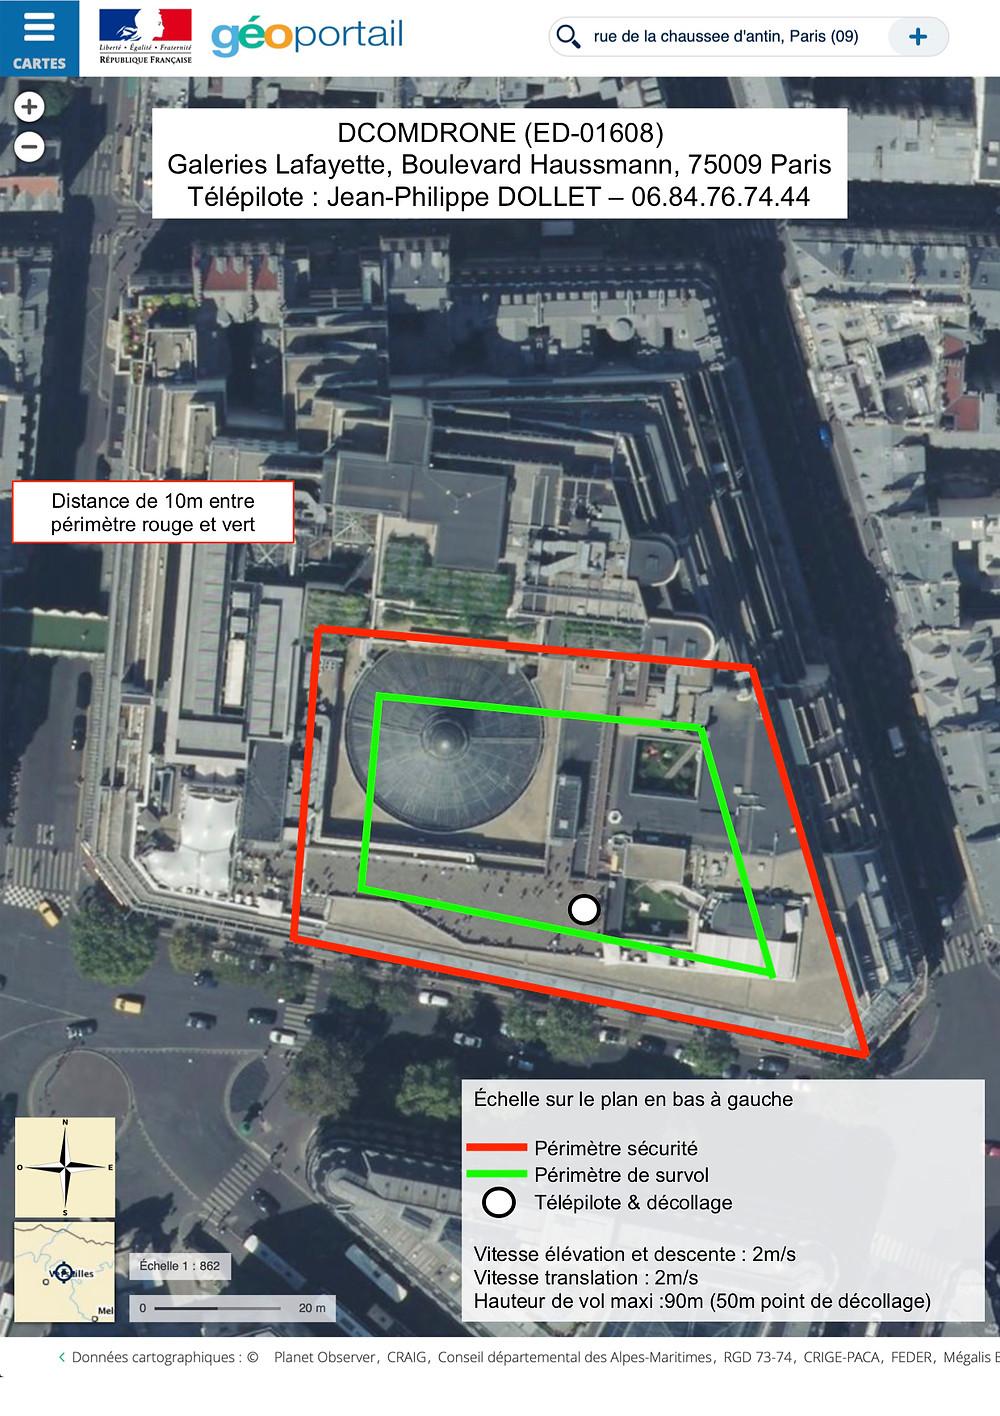 Plan de survol par drone de la terrasse des Galeries Lafayette hausmann Paris par DCOMDRONE